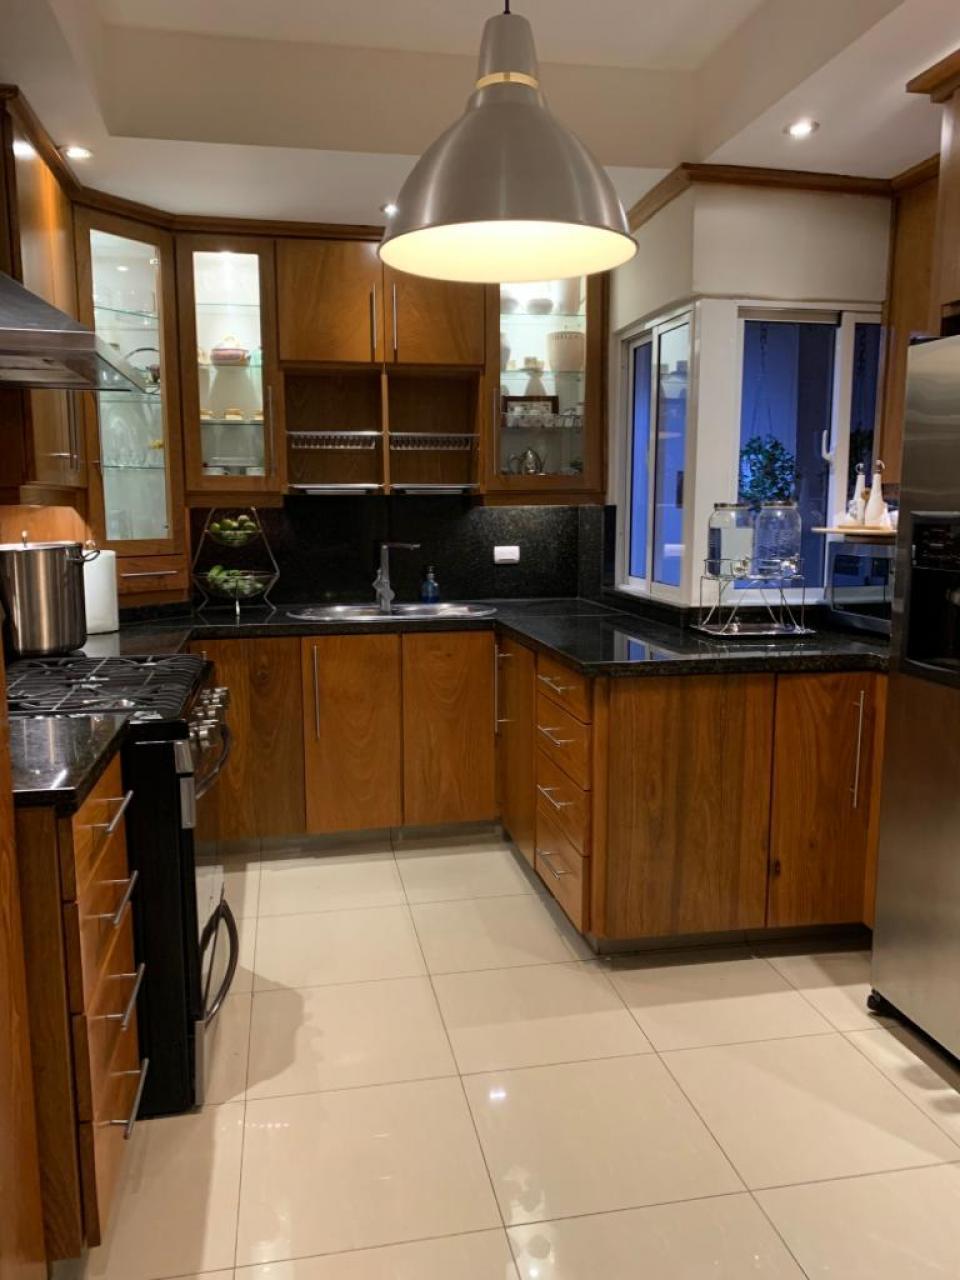 Apartamento en venta en el sector LA ESPERILLA precio US$ 190,000.00 US$190,000